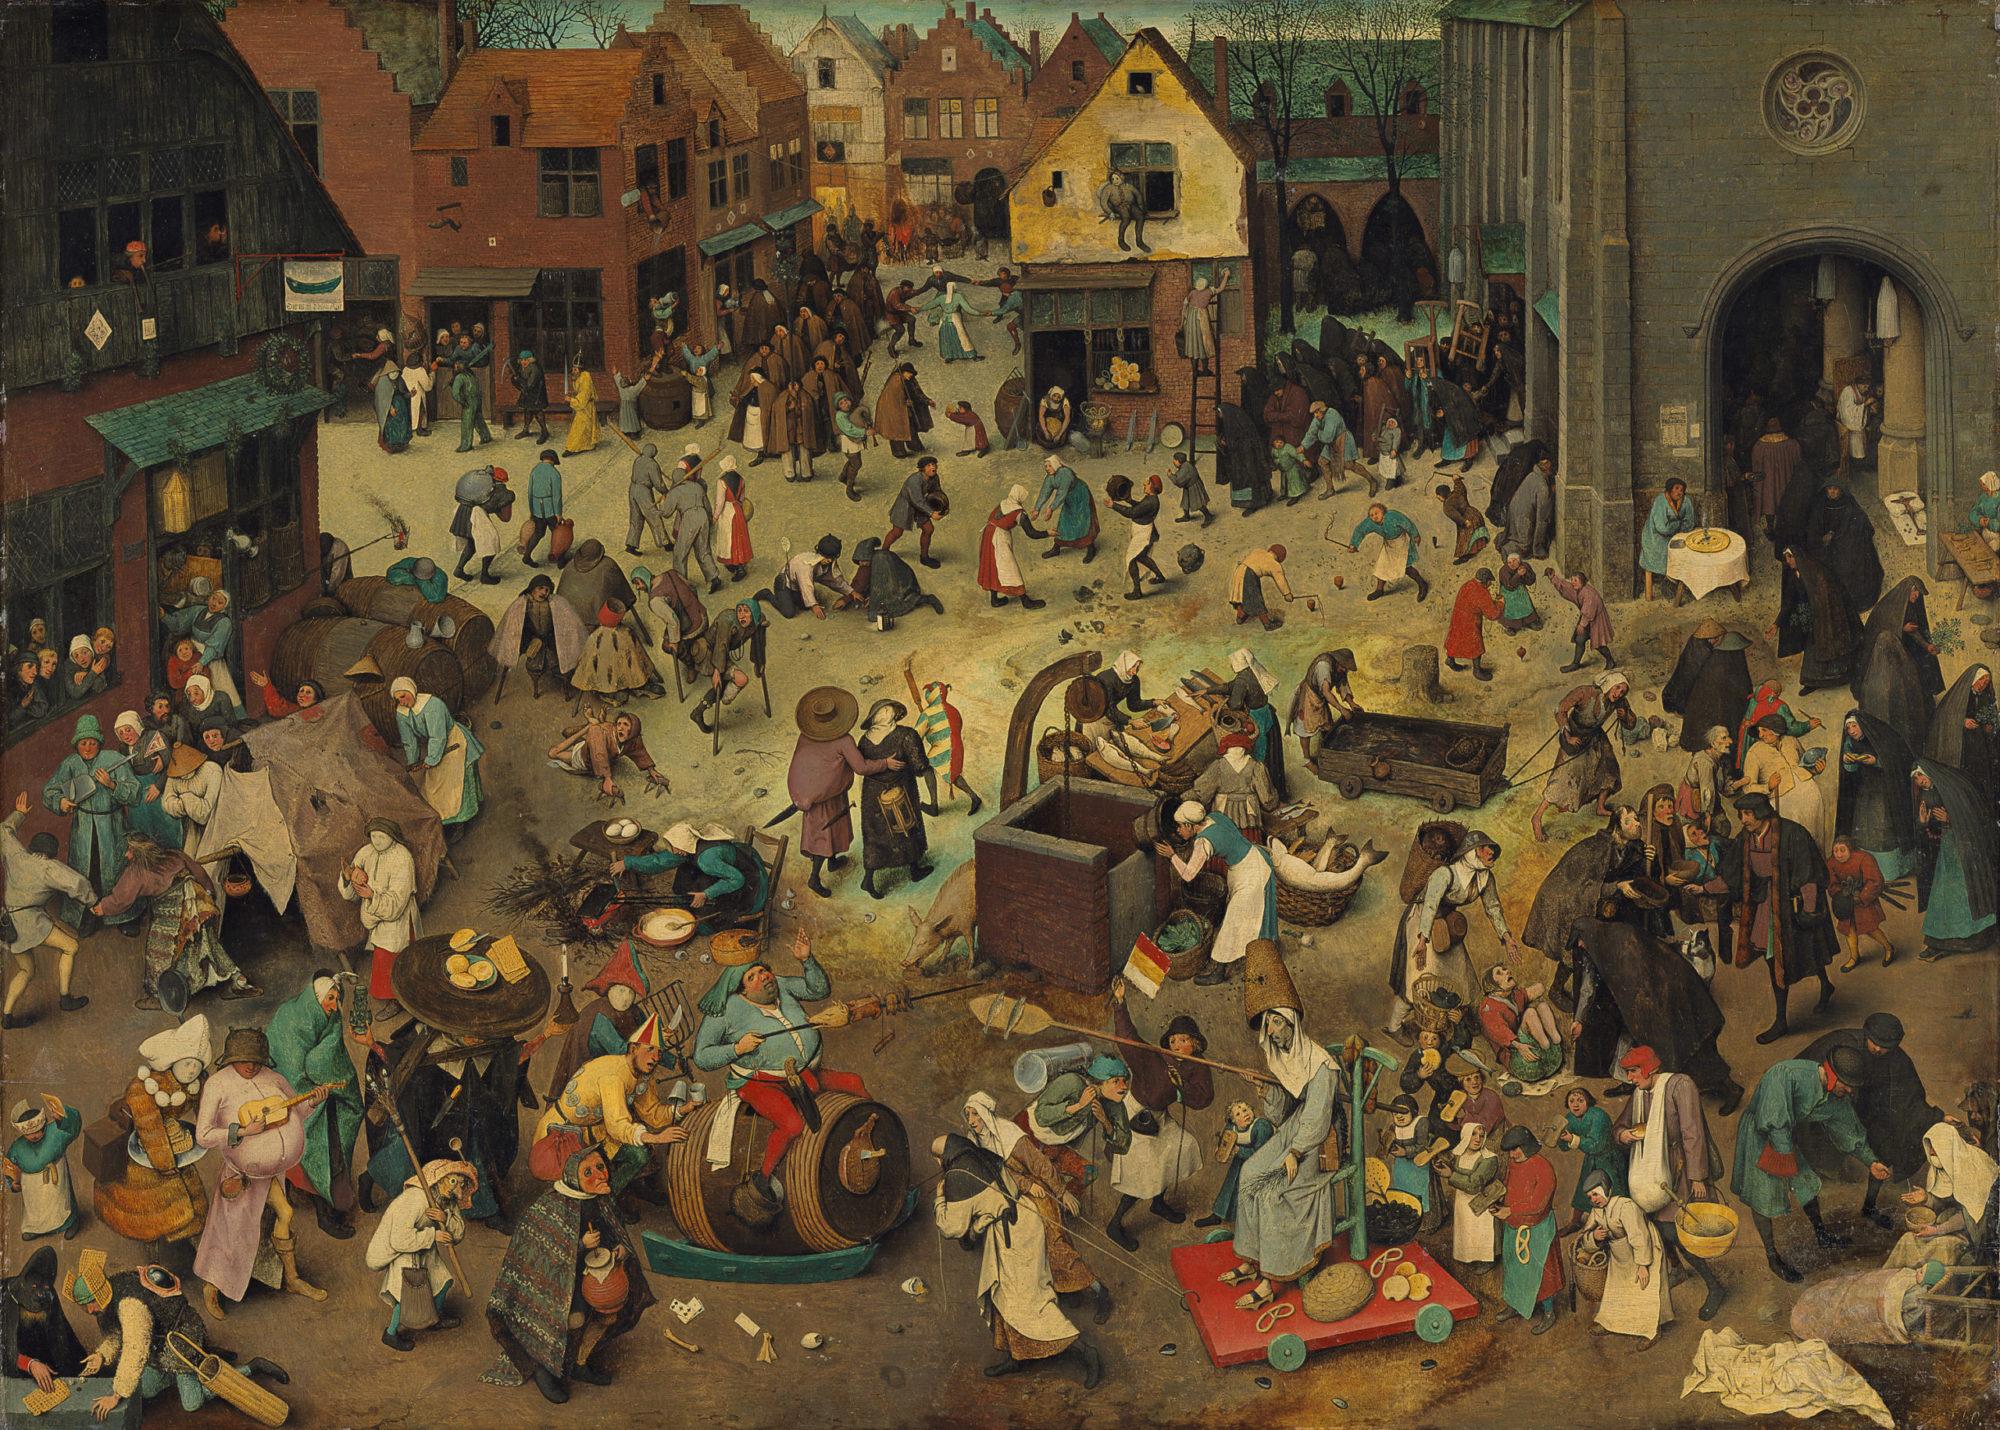 Битва Масленницы и Поста, Питер Брейгель старший, 1559 год, Музей истории искусств, Вена